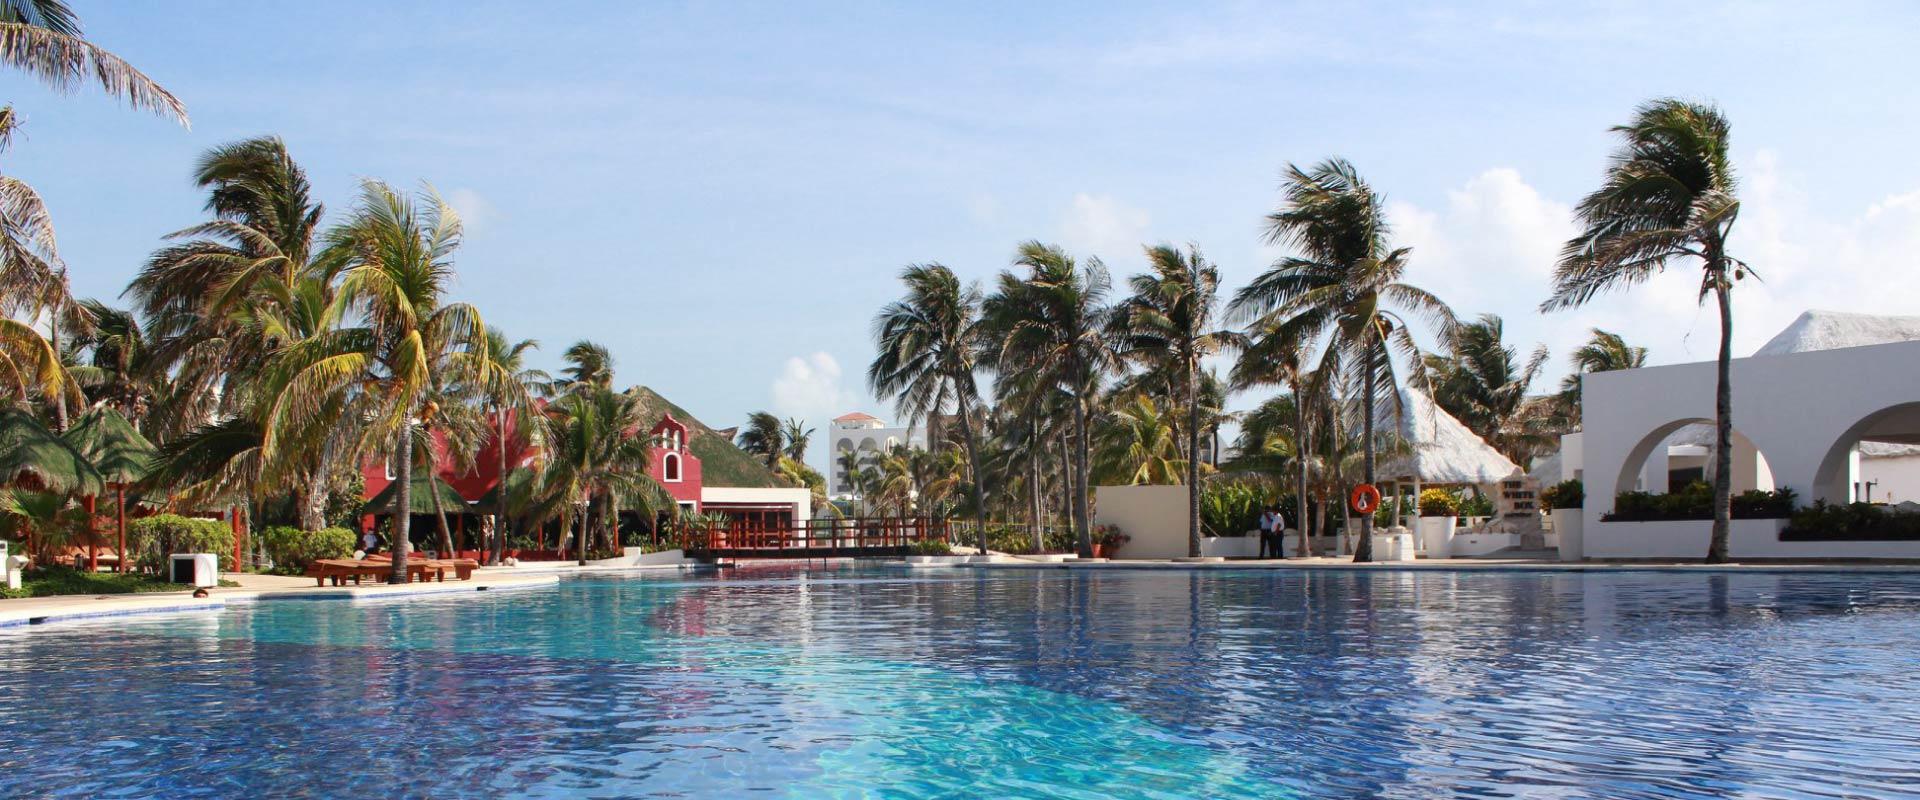 Vacaciones en Grand Oasis Cancún